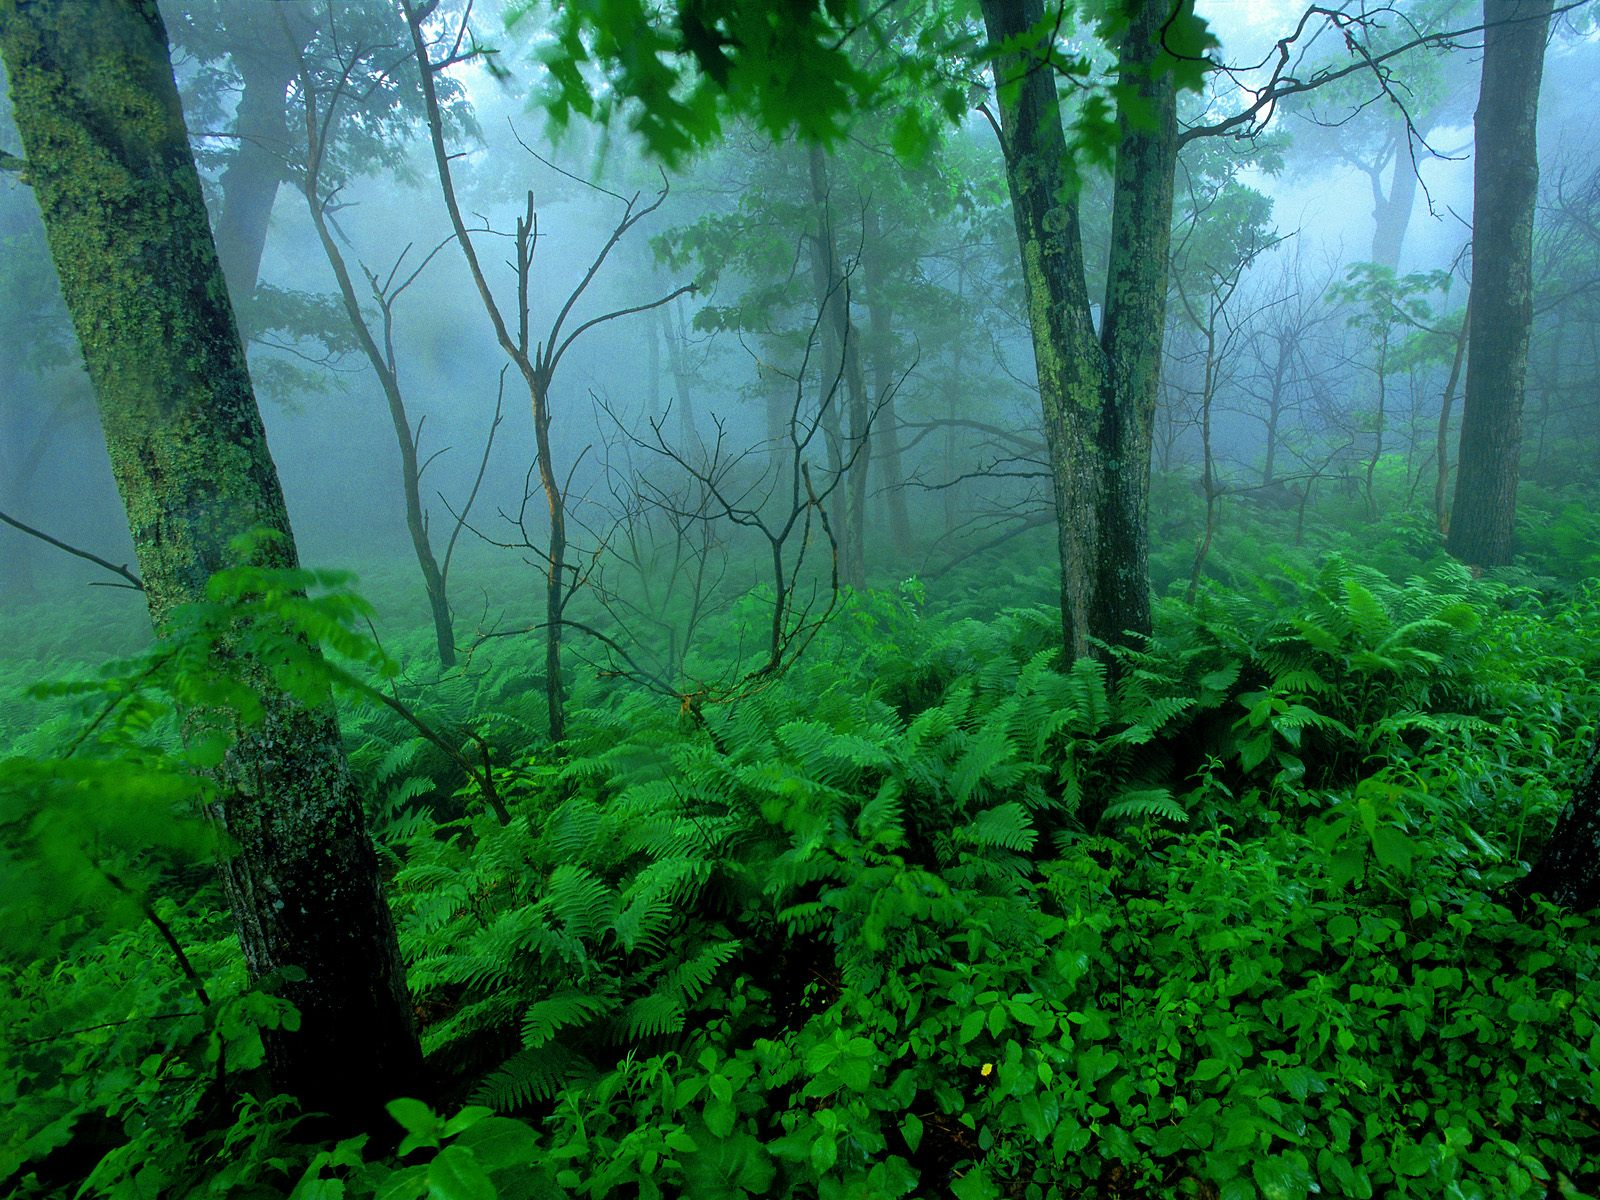 зеленый лес, скачать фото, стволы деревьев, зелень